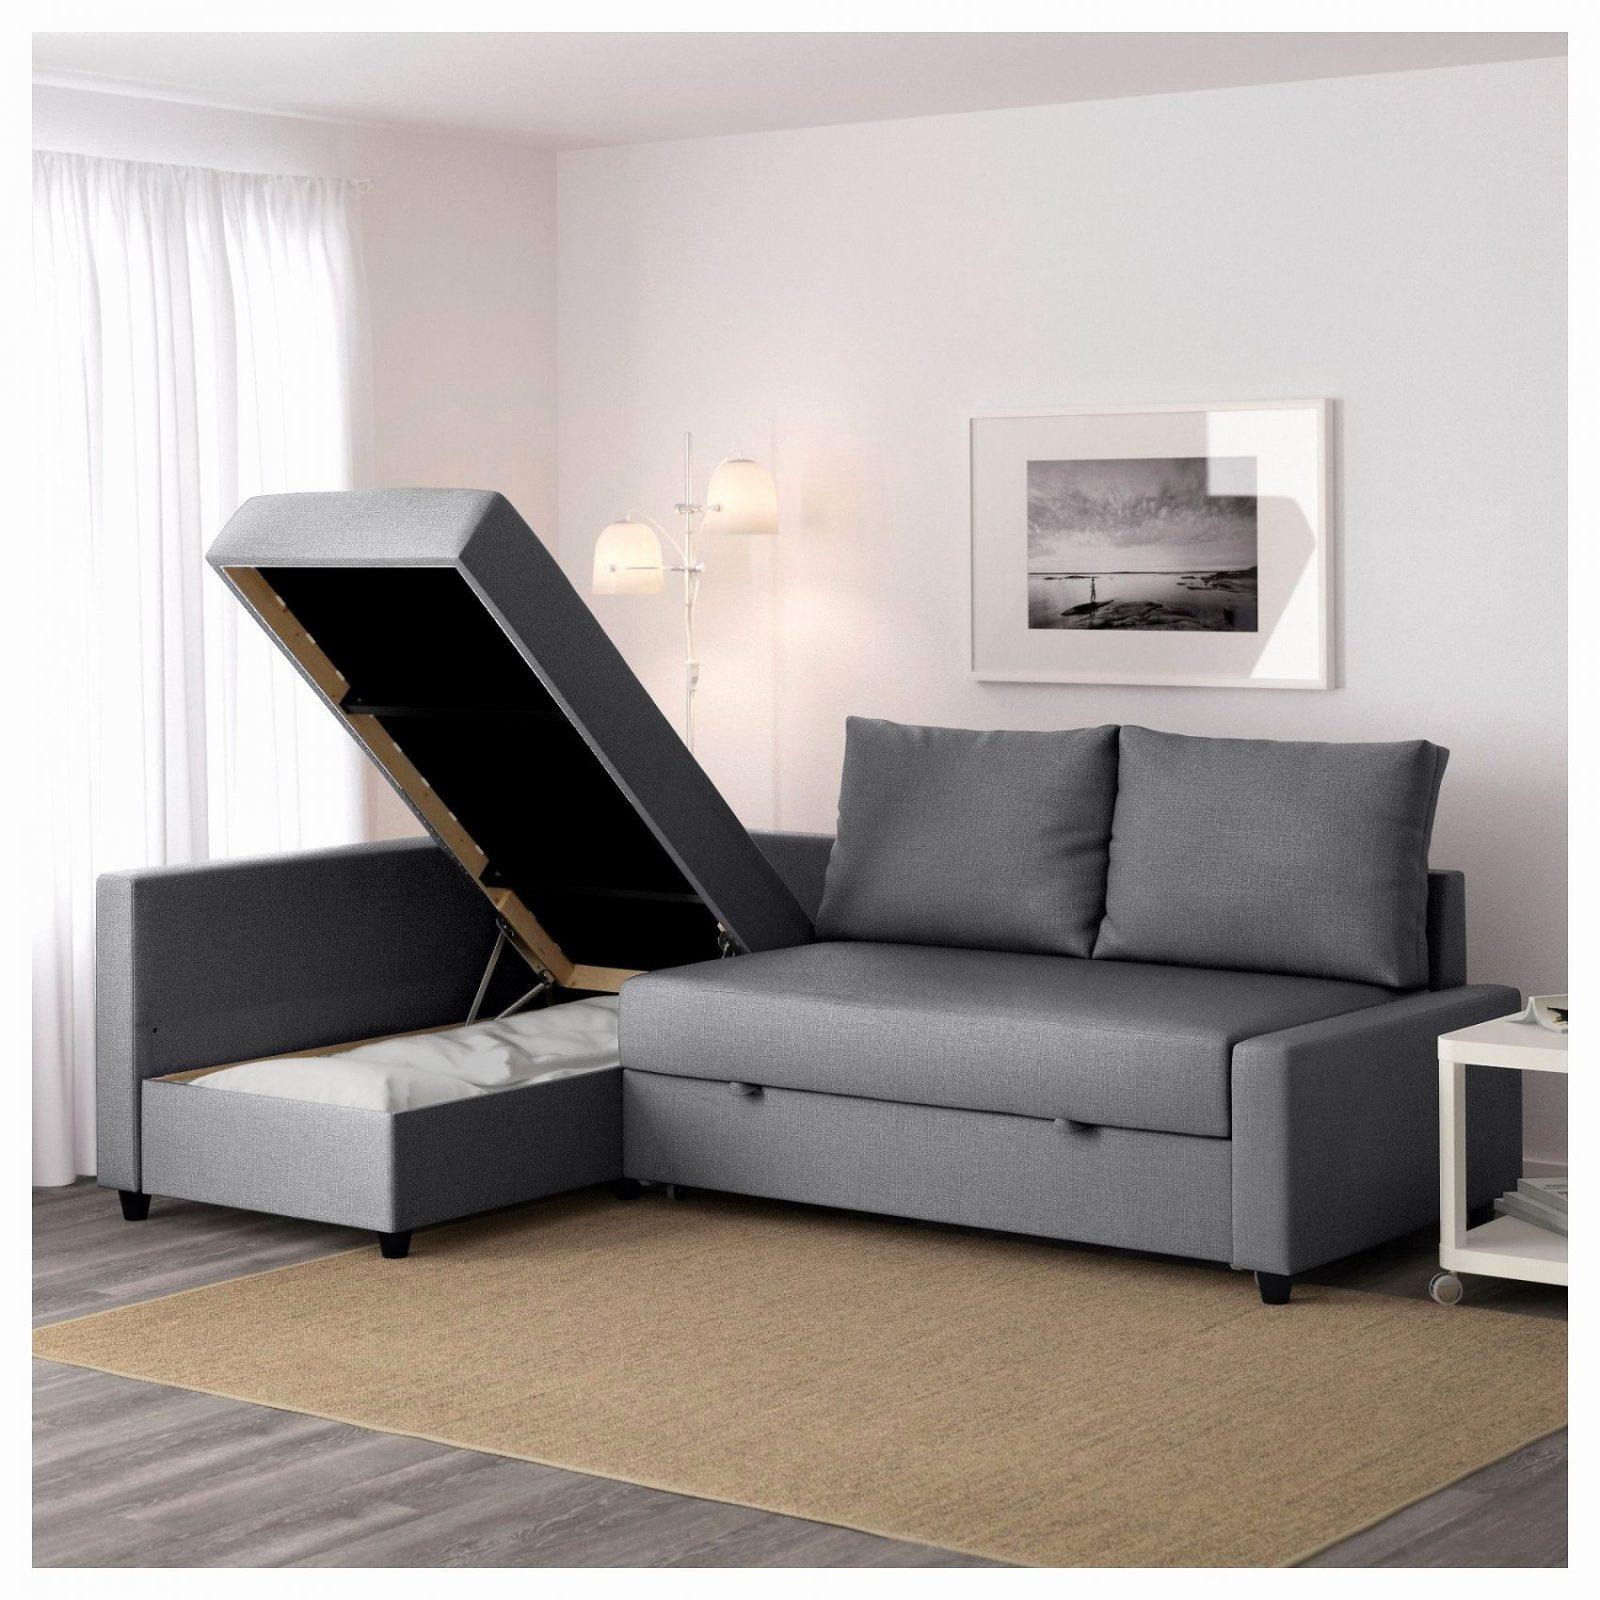 Couch Mit Schlaffunktion Ikea Beste 3 Sitzer Sofa Ikea 3Er Sofa Grau von 3 Sitzer Sofa Mit Bettfunktion Bild